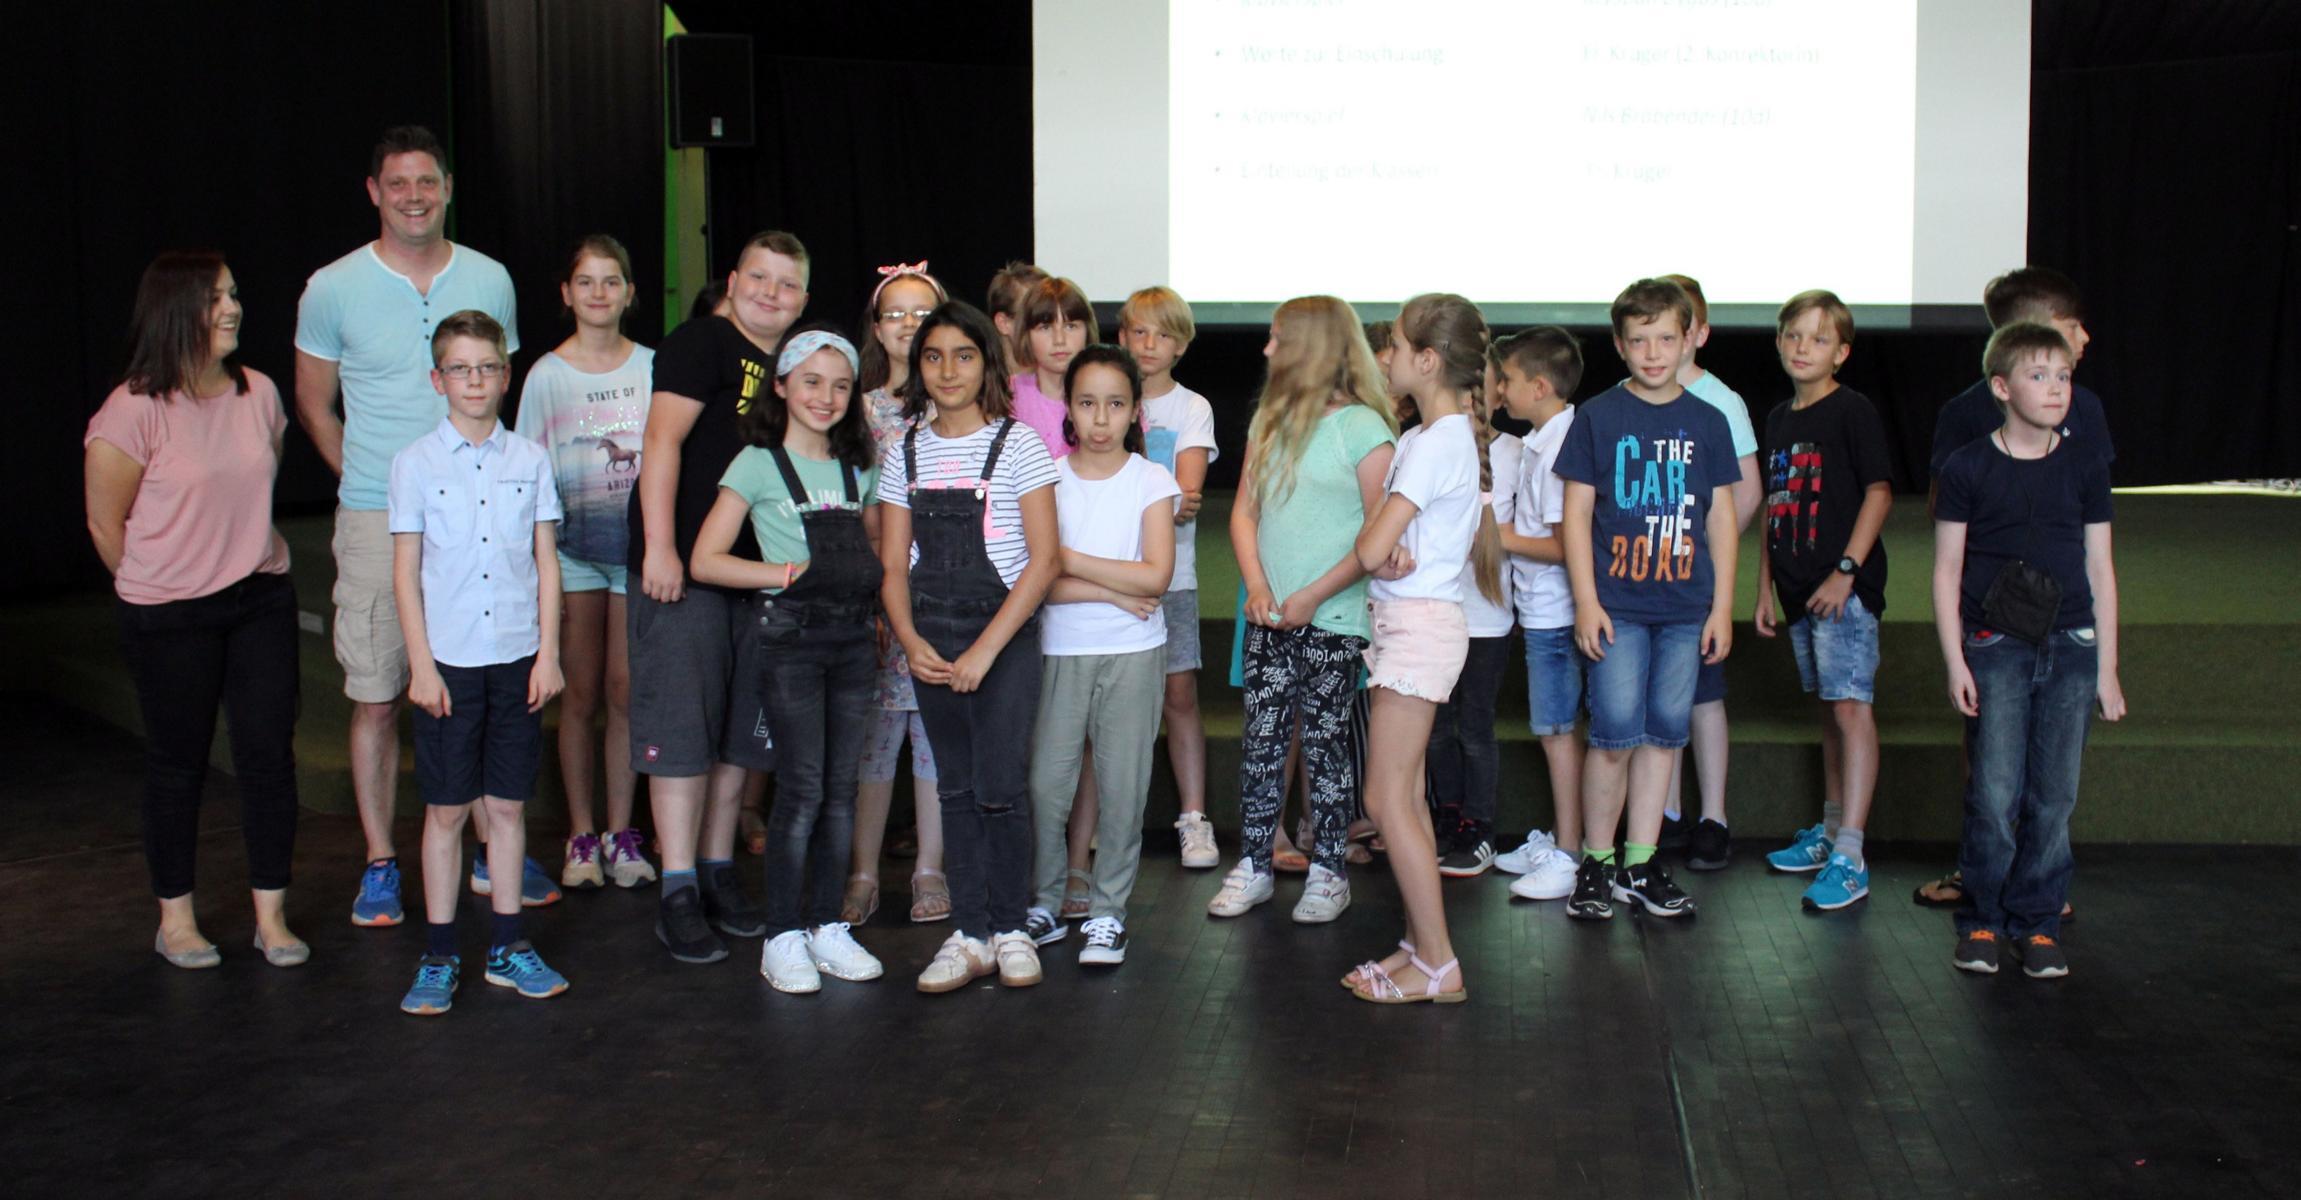 Empfang unserer neuen 5. Klassen. Herzlich willkommen an der ASRS !!